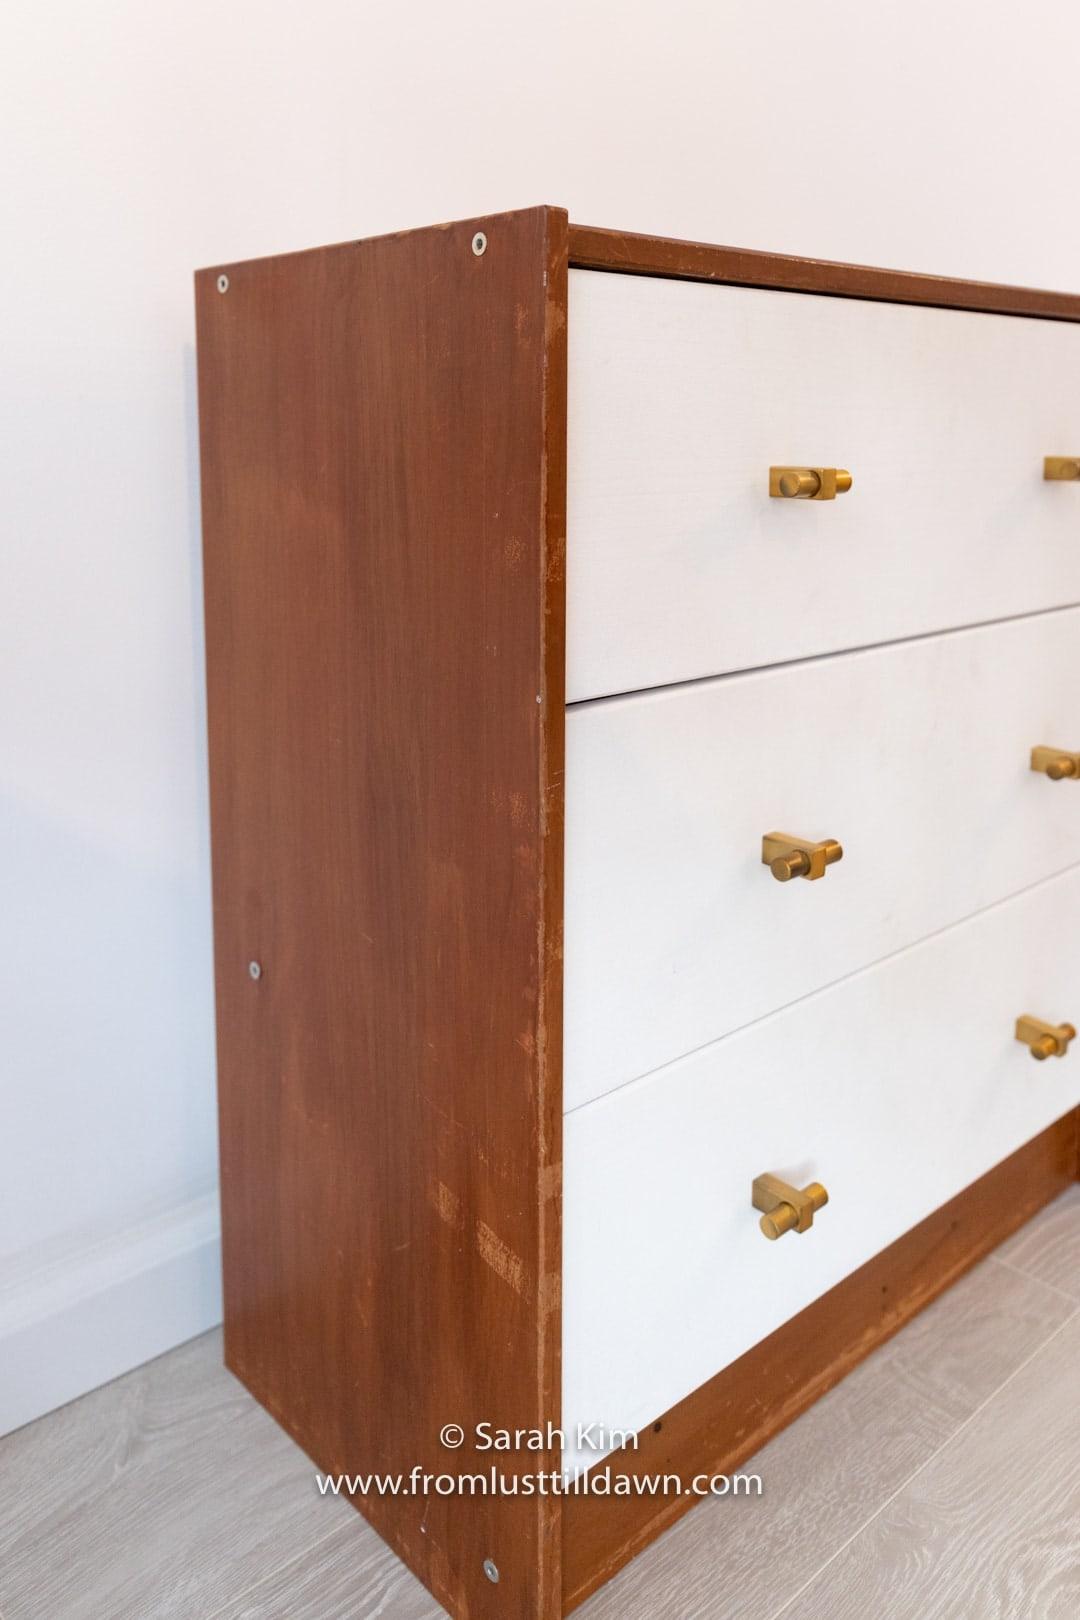 Ikea rast makeover ikea rast nightstand hack ikea rast drawers painted diy ikea rast dresser